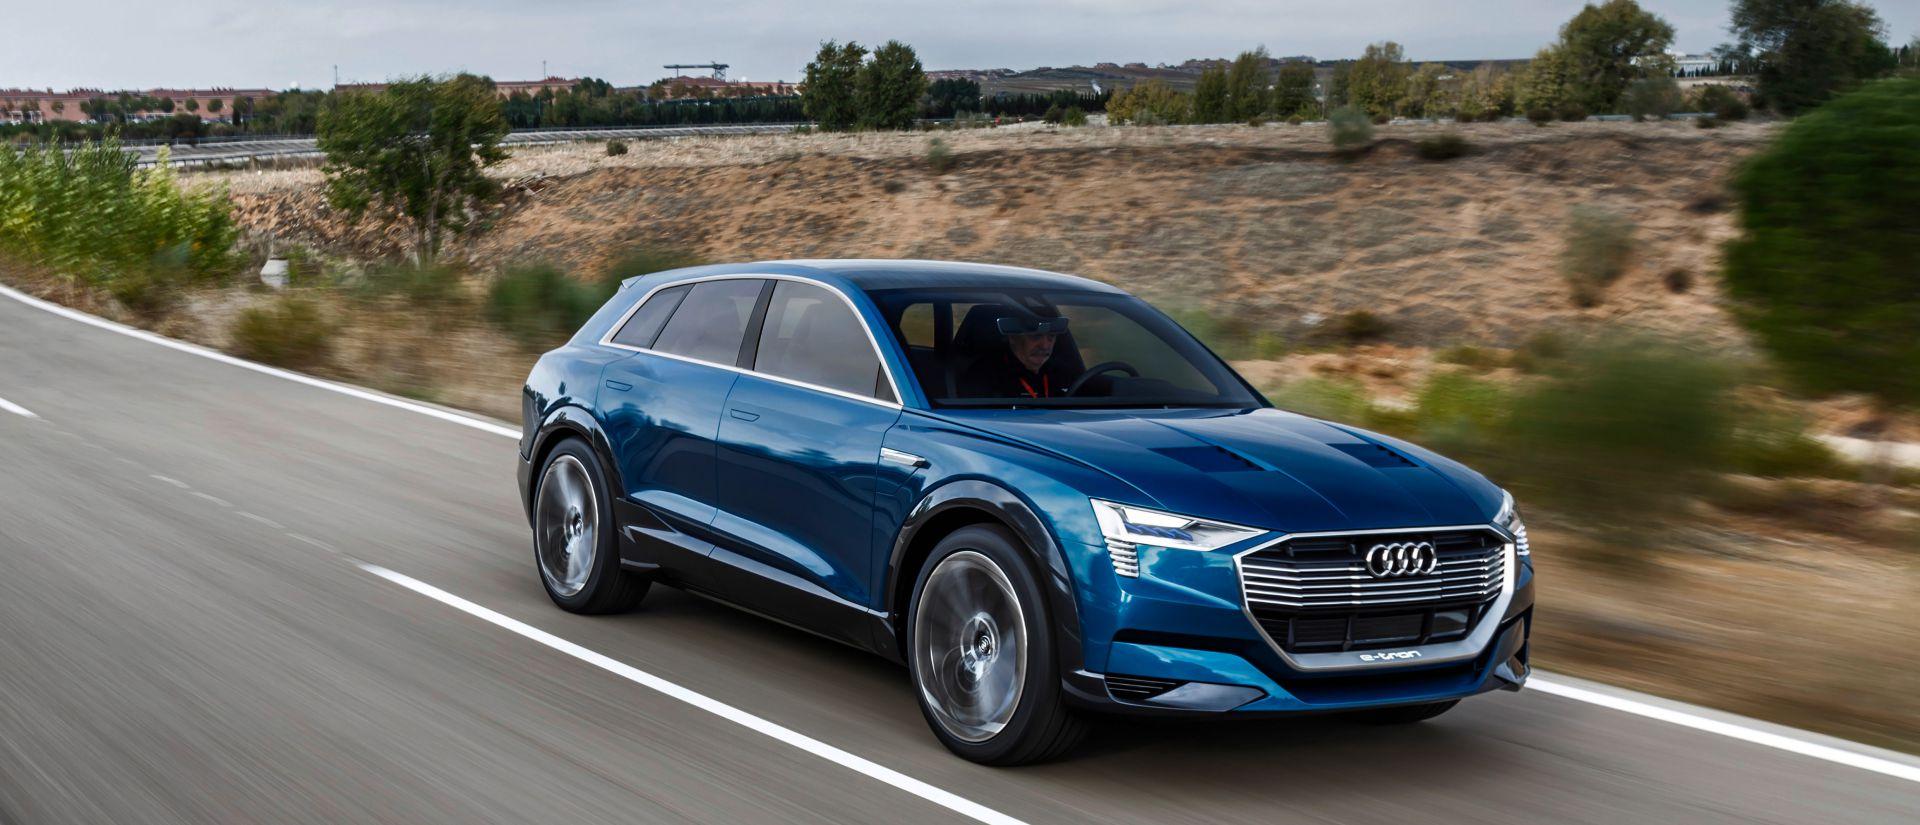 The Audi e-tron Quattro concept car